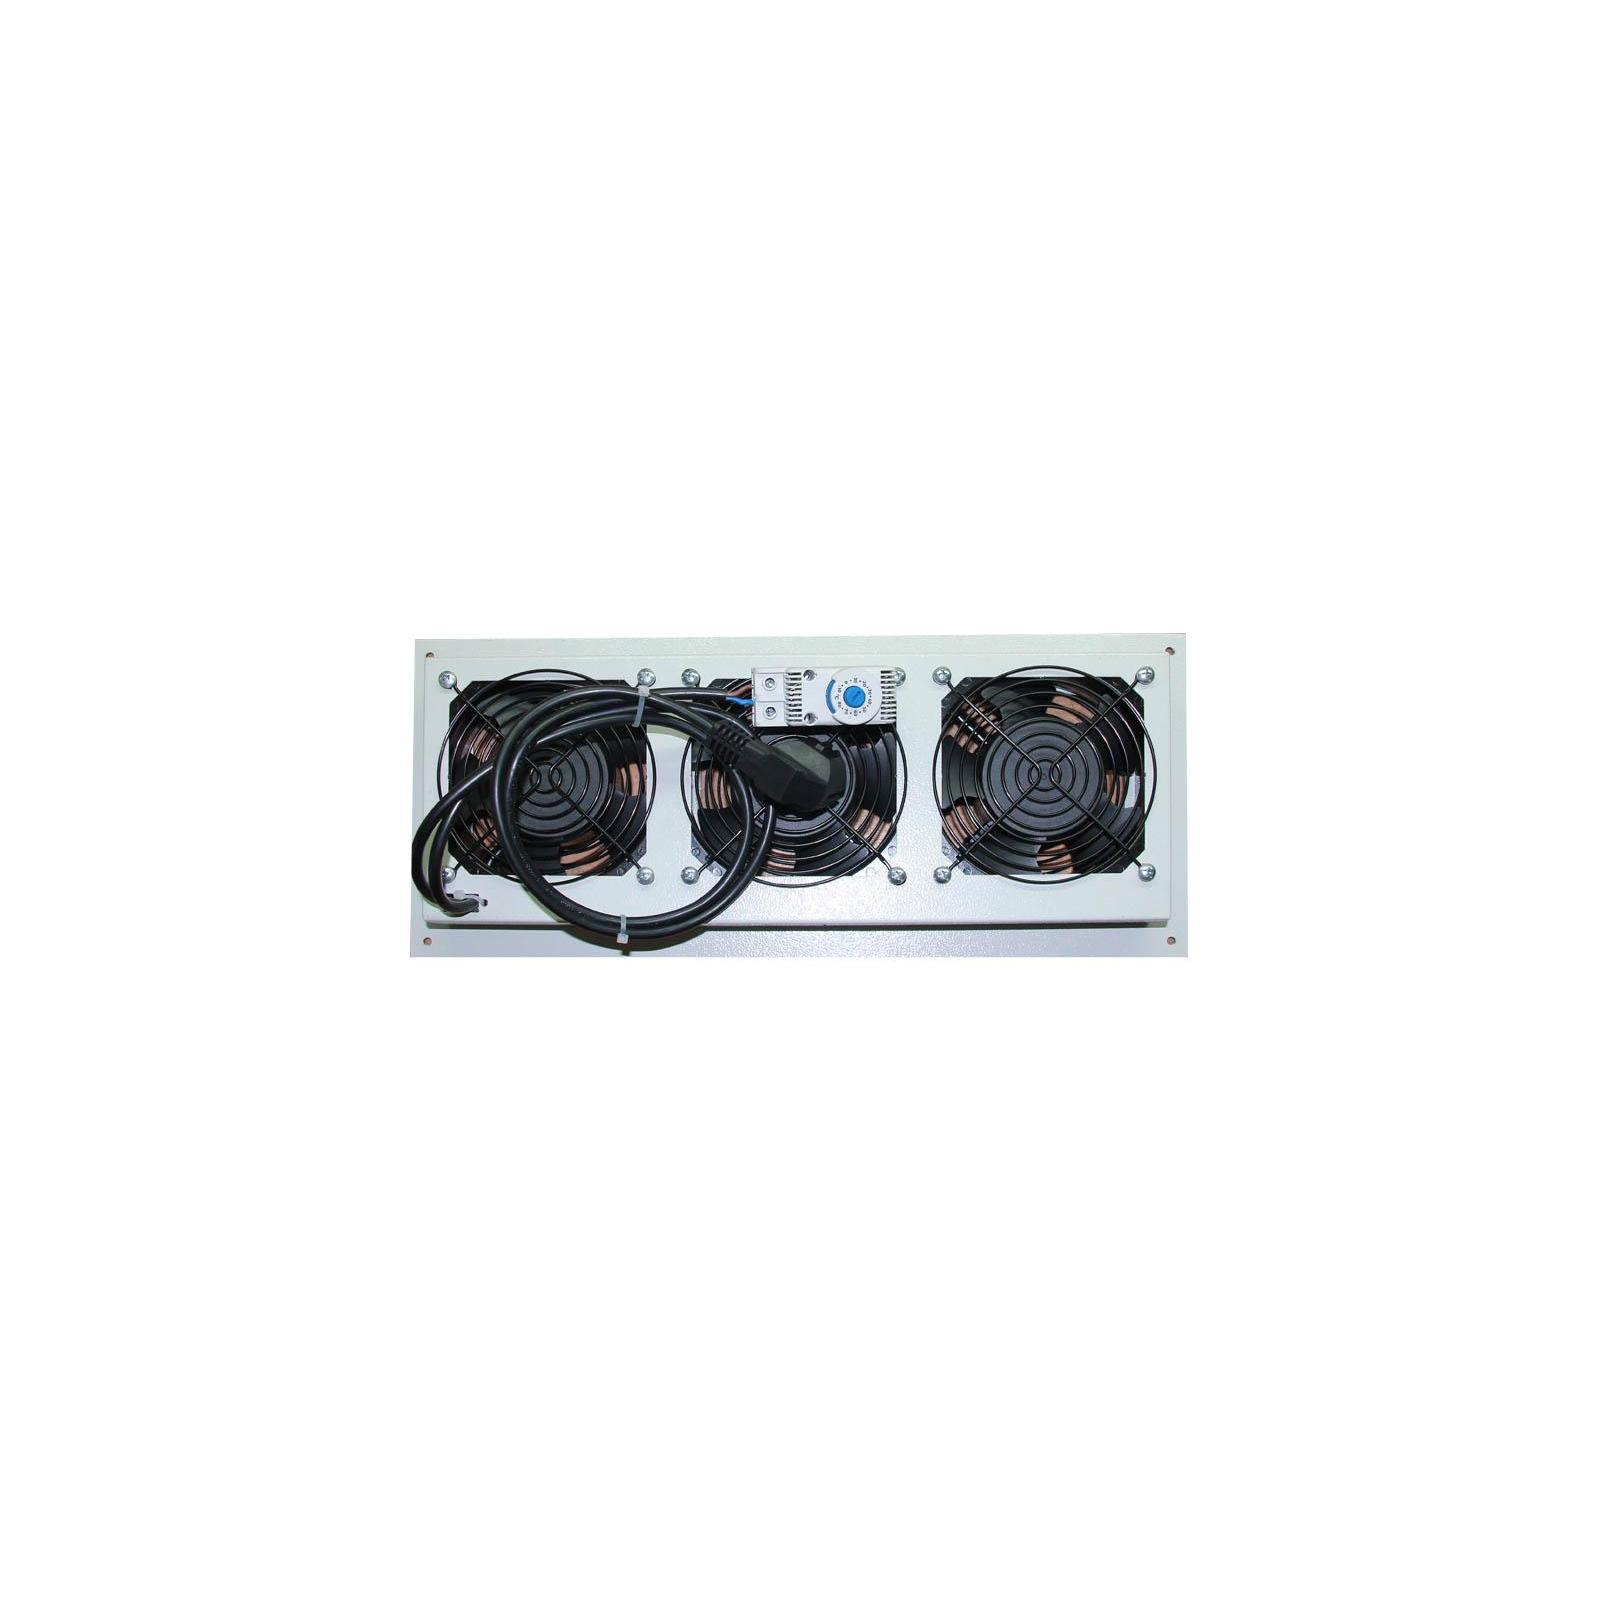 Шкаф напольный CSV 33U Lite Plus 600x600 Perf изображение 7